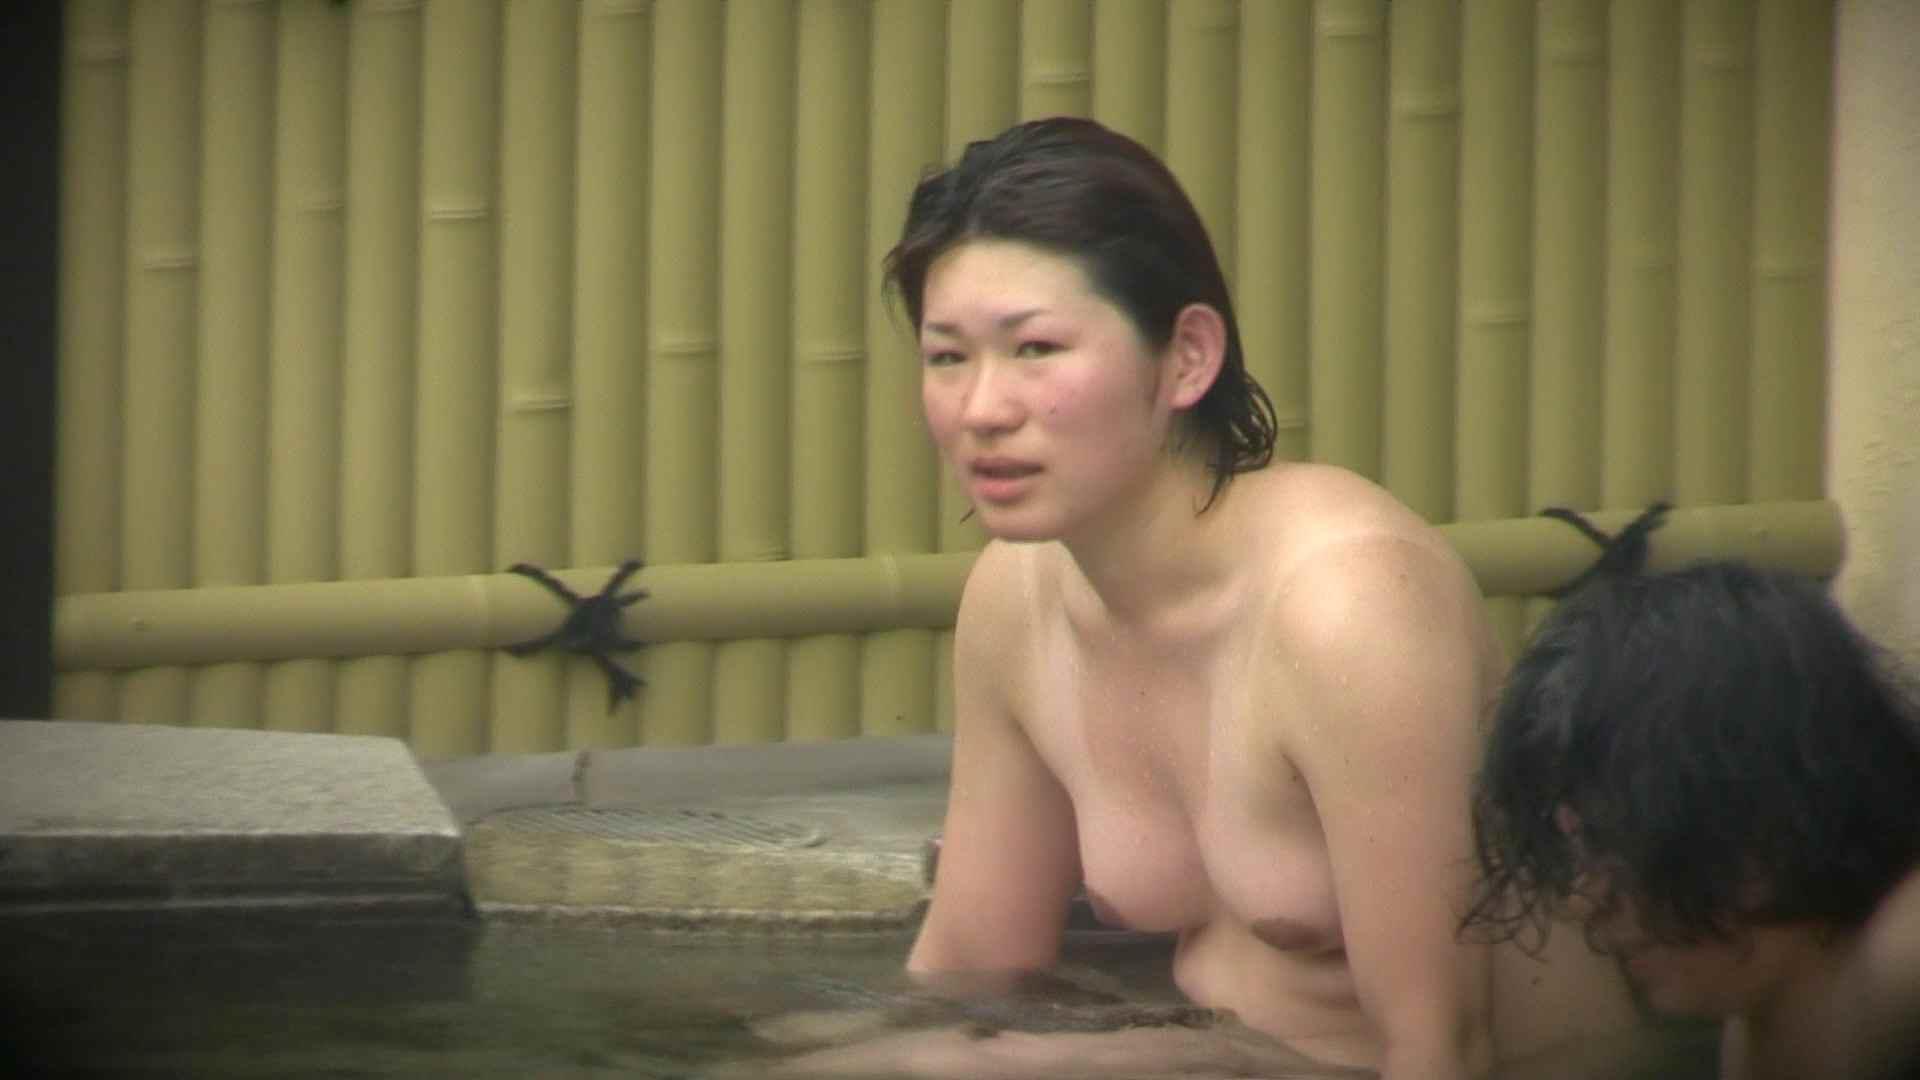 Aquaな露天風呂Vol.673 美しいOLの裸体   盗撮師作品  99pic 1